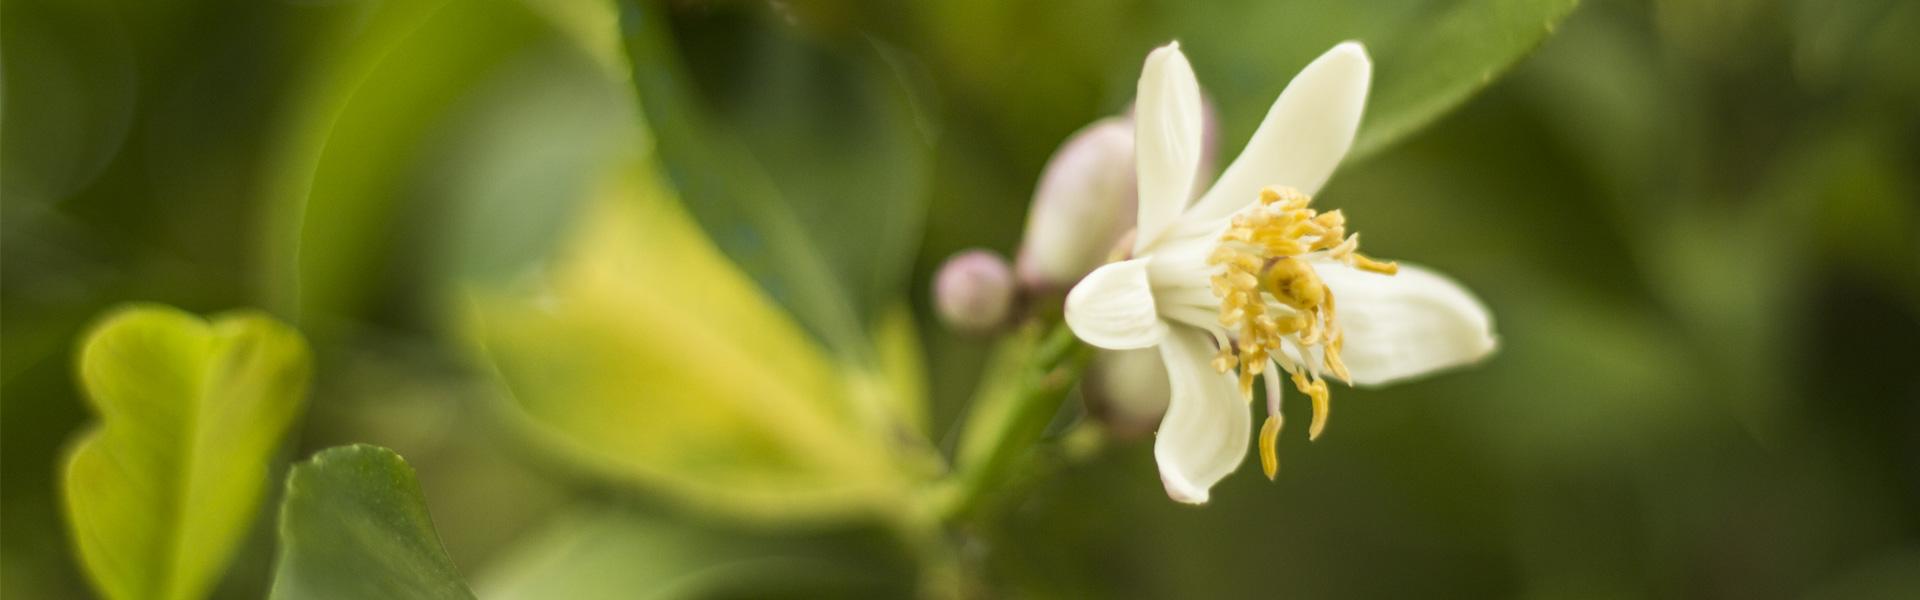 fiore-sabino-limone